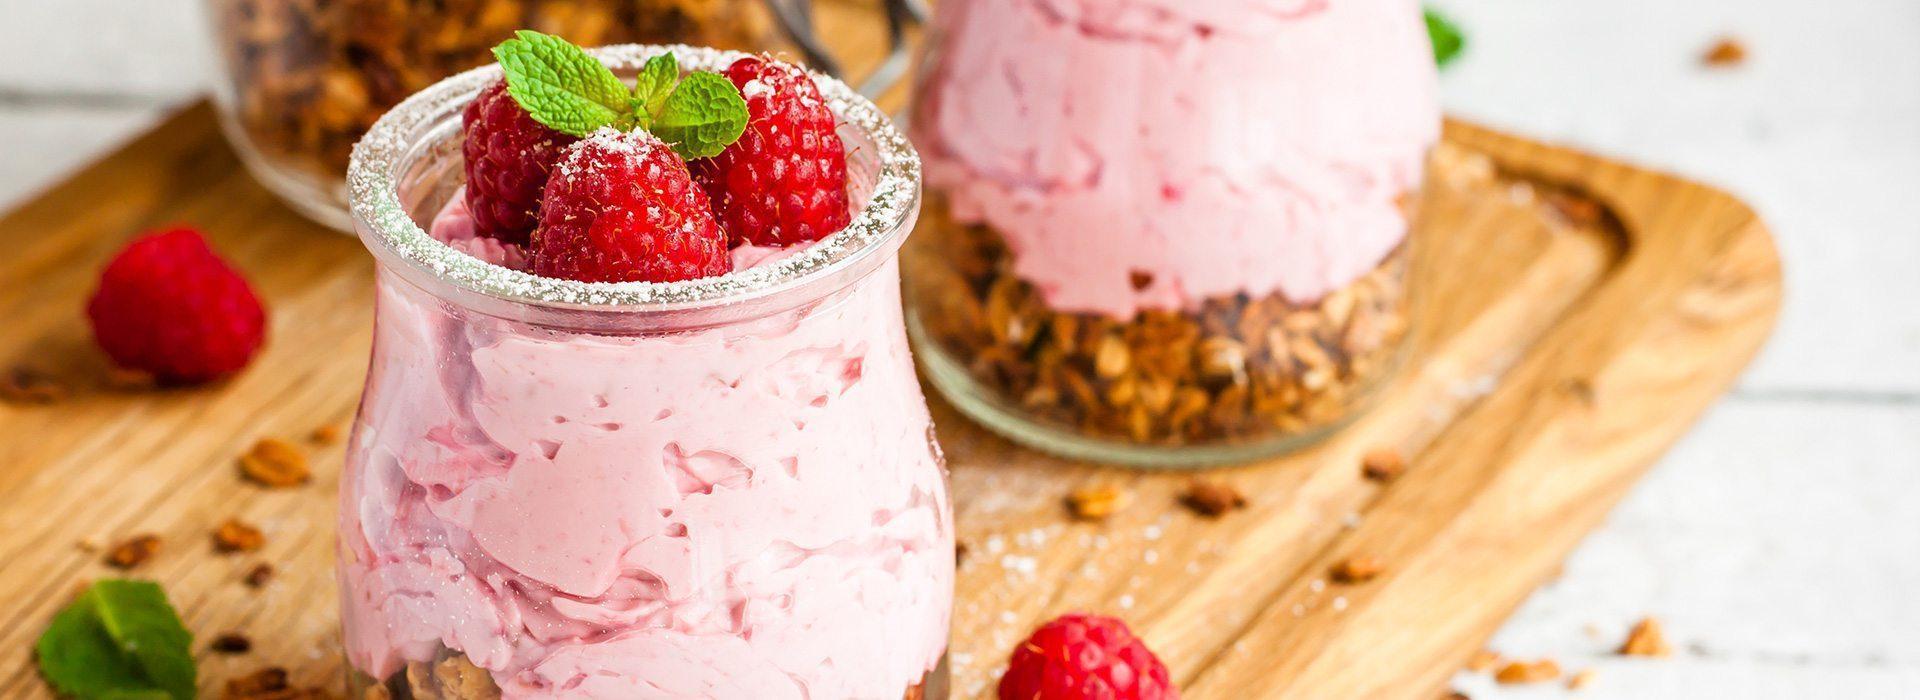 Verrine à la fraise et au granola - Recette Berthelet